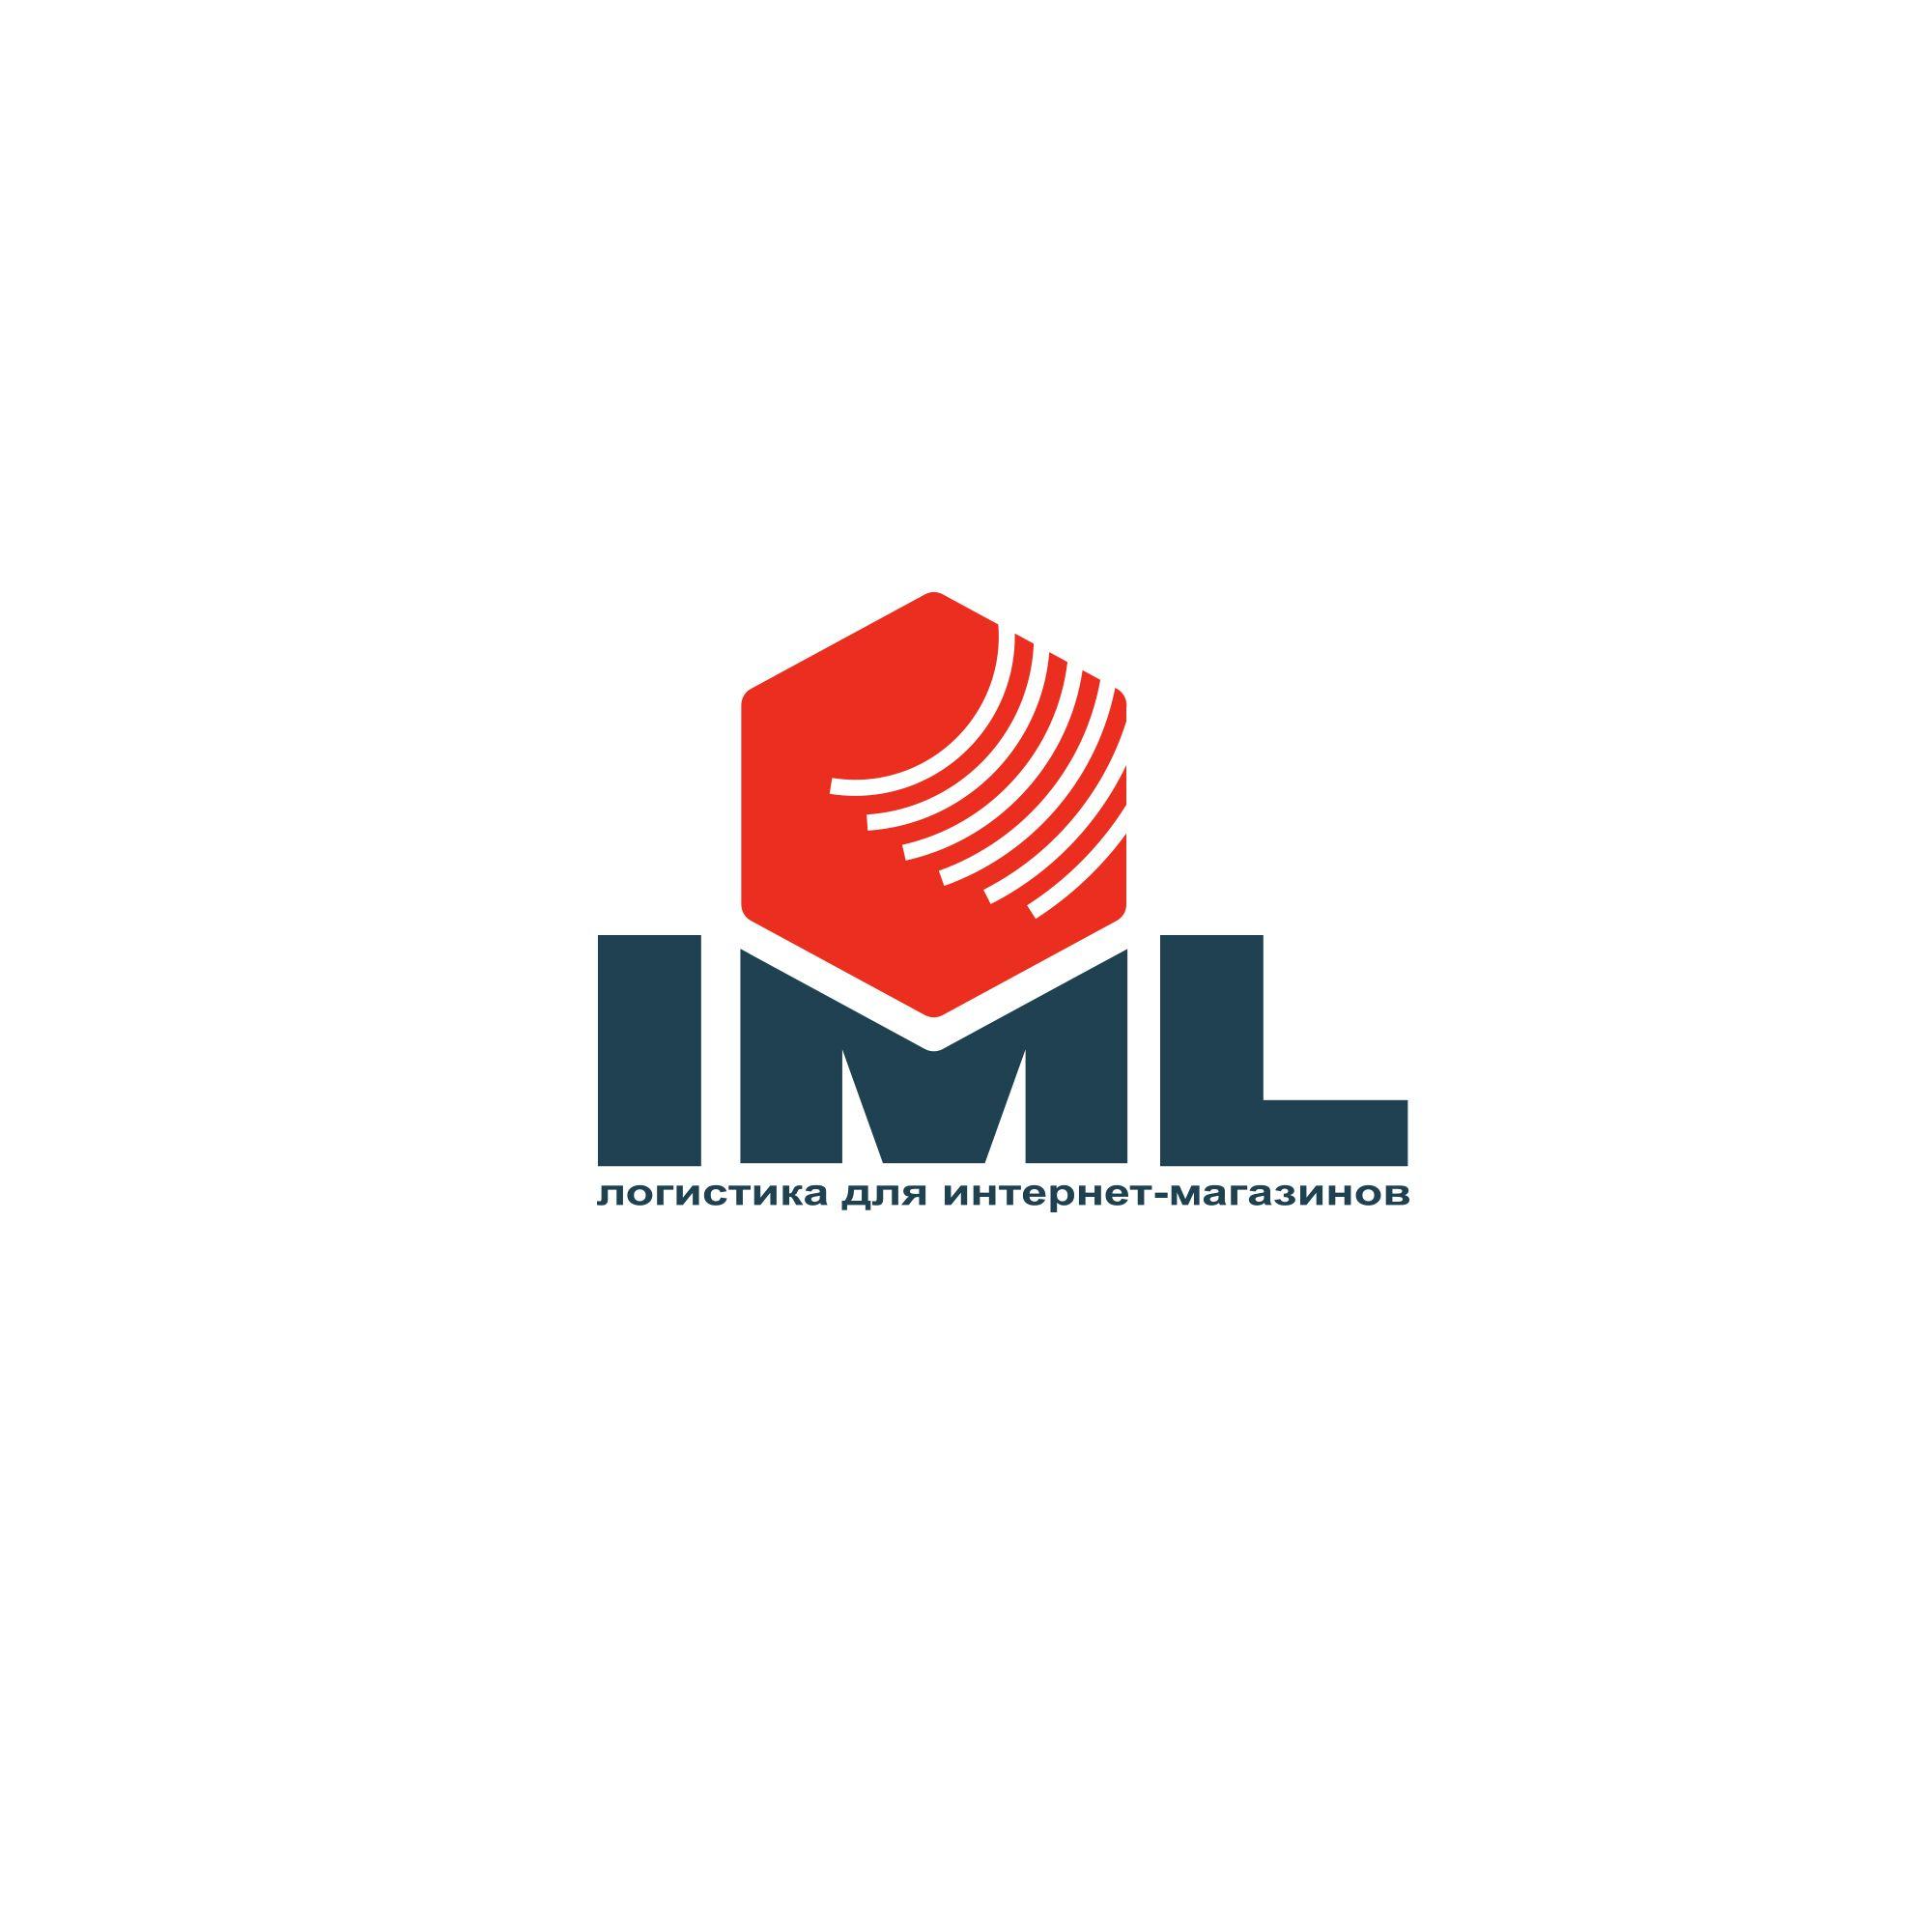 Лого для ребрендинга логистической компании - дизайнер jabrailoff